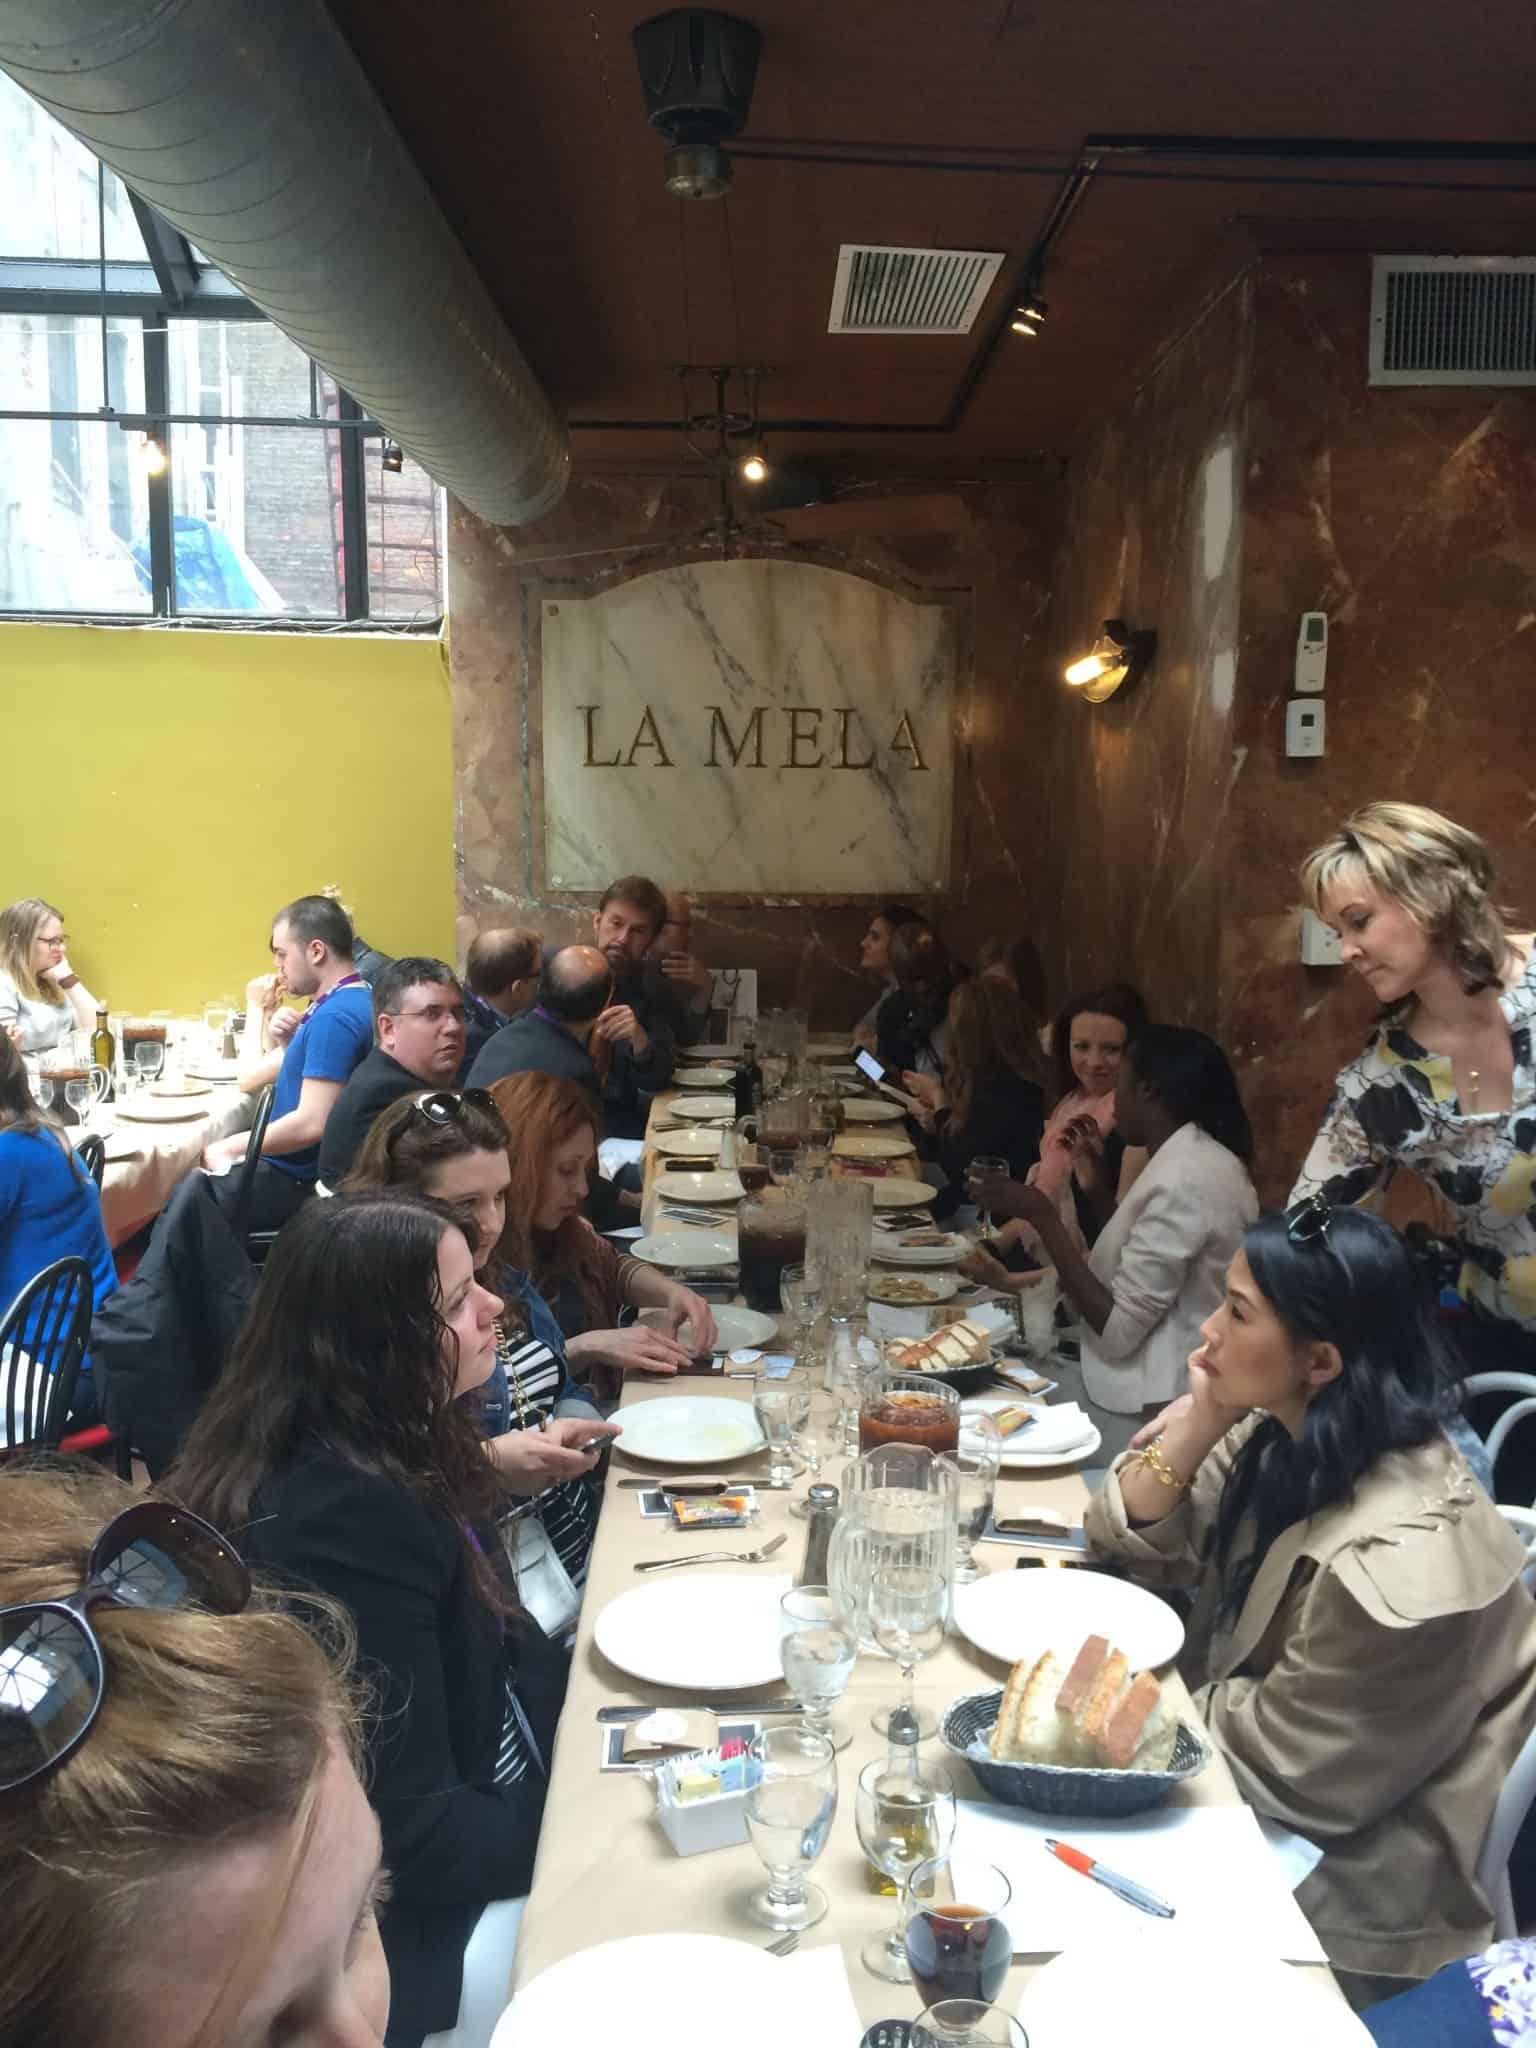 Lunch at La Mela